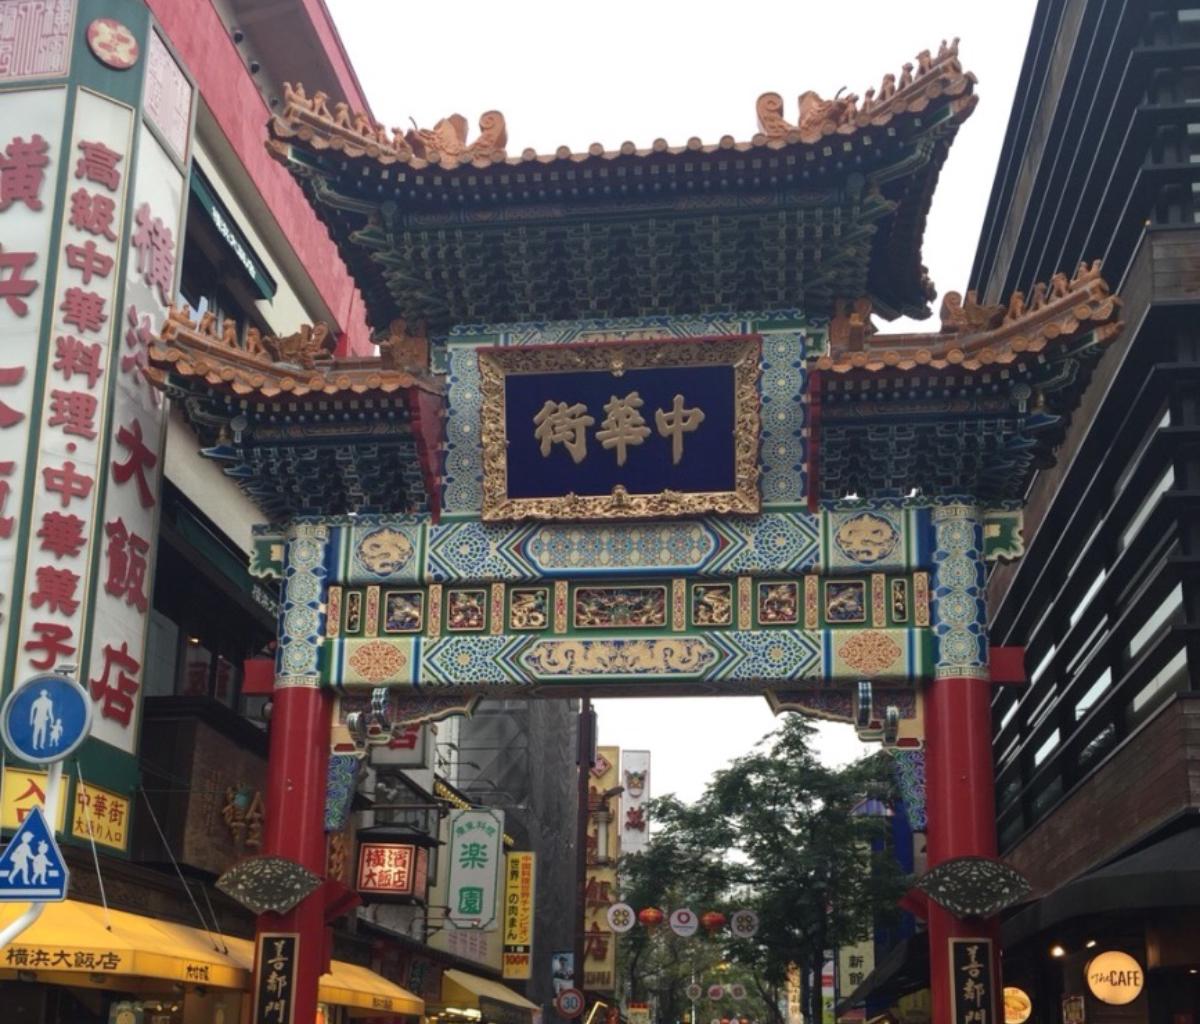 横浜中華街のアクセス方法と最寄駅を知って中華街に行こう!